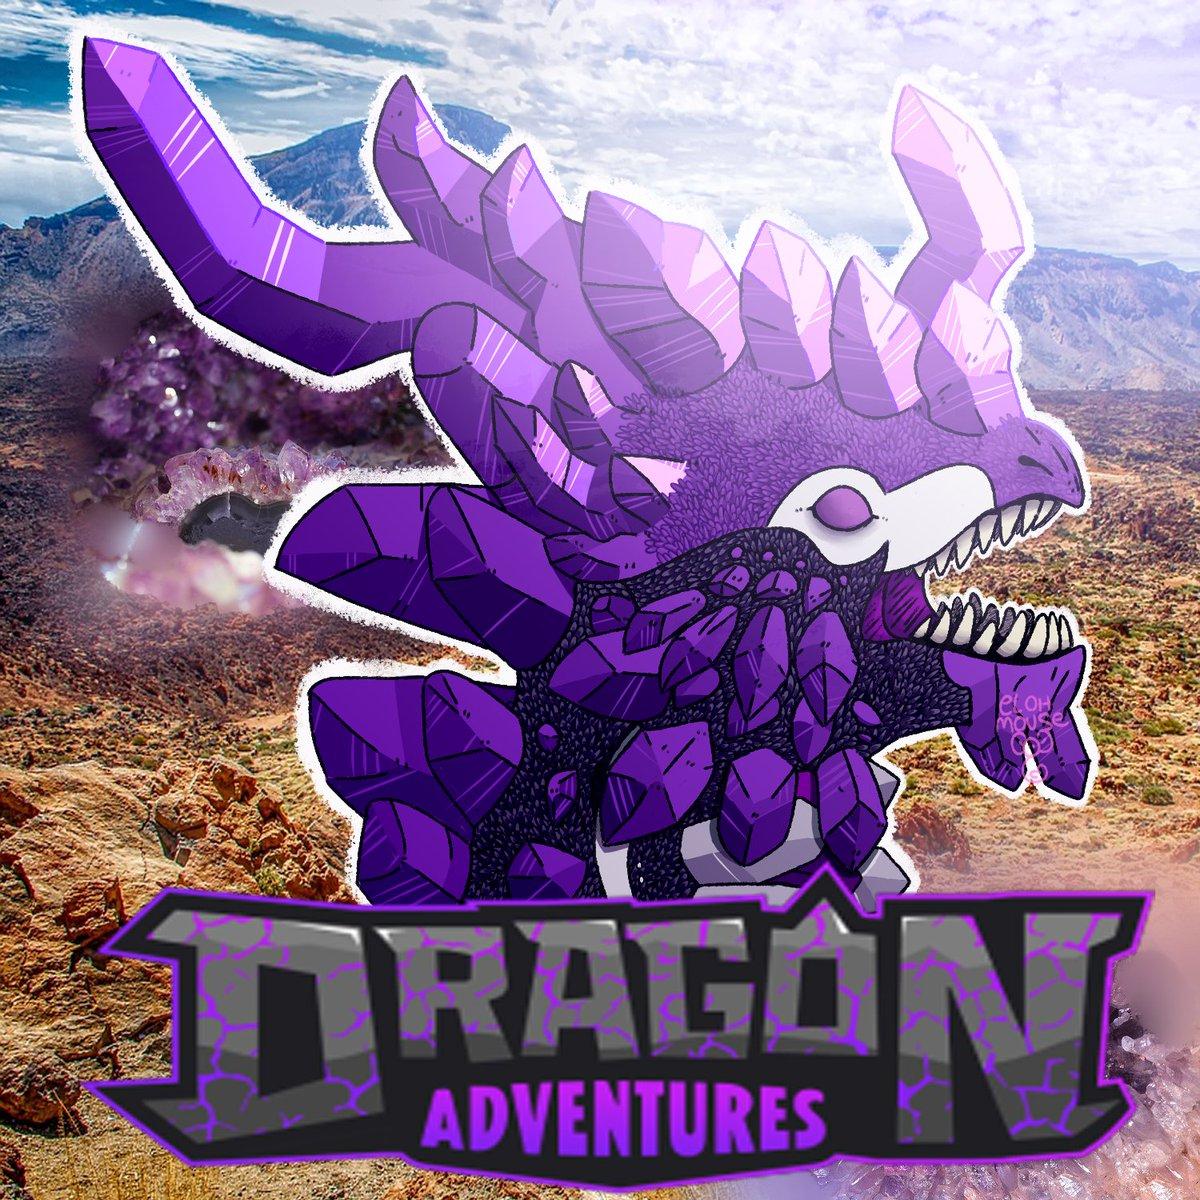 Dragon Adventures Twitter Codes Roblox Erythia Erythia Roblox Twitter